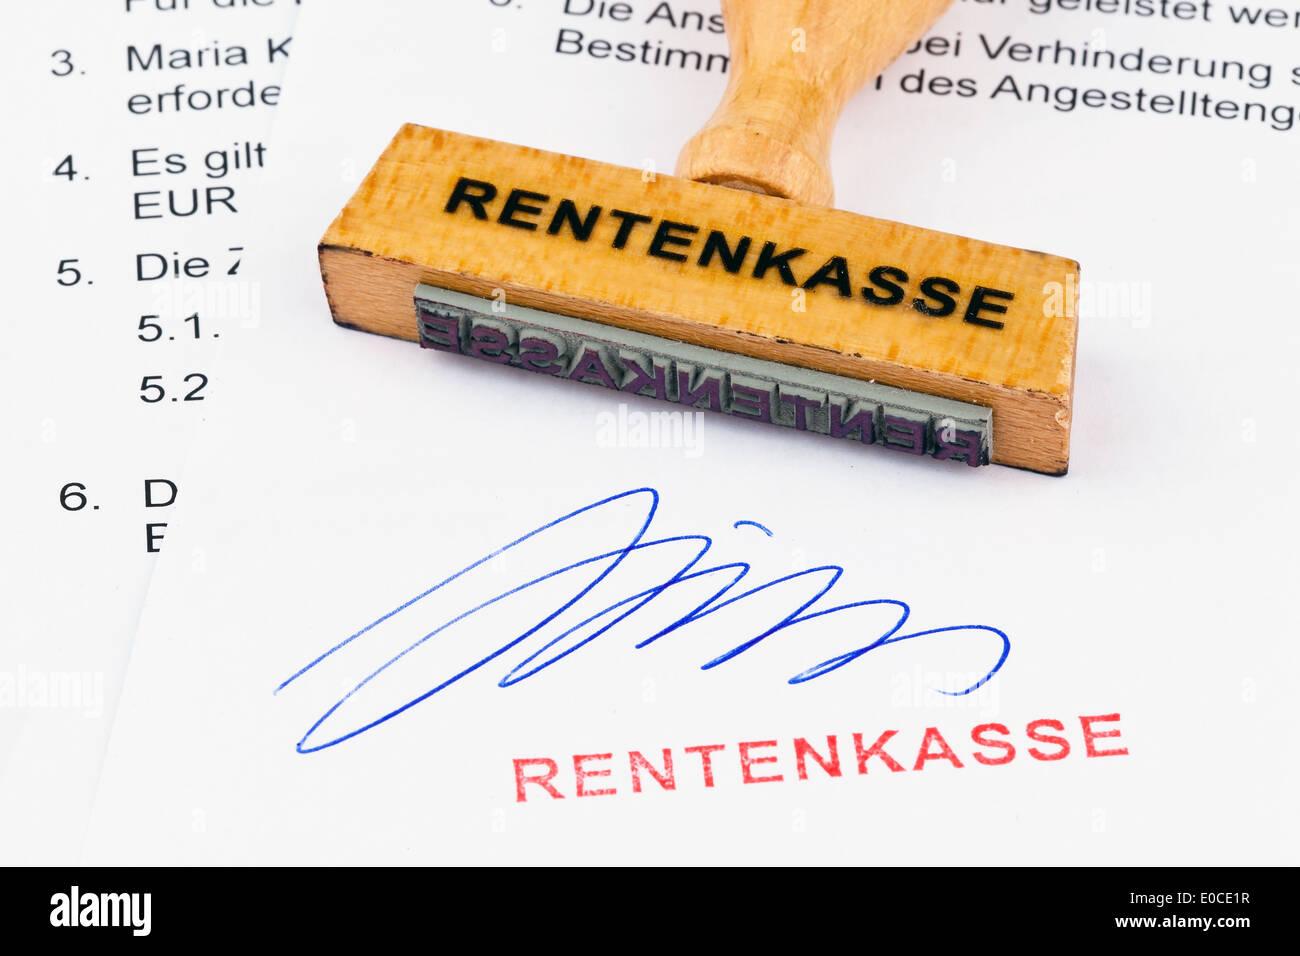 A stamp of wood lies on a document. Label Pension fund, Ein Stempel aus Holz liegt auf einem Dokument. Aufschrift Rentenkasse Stock Photo